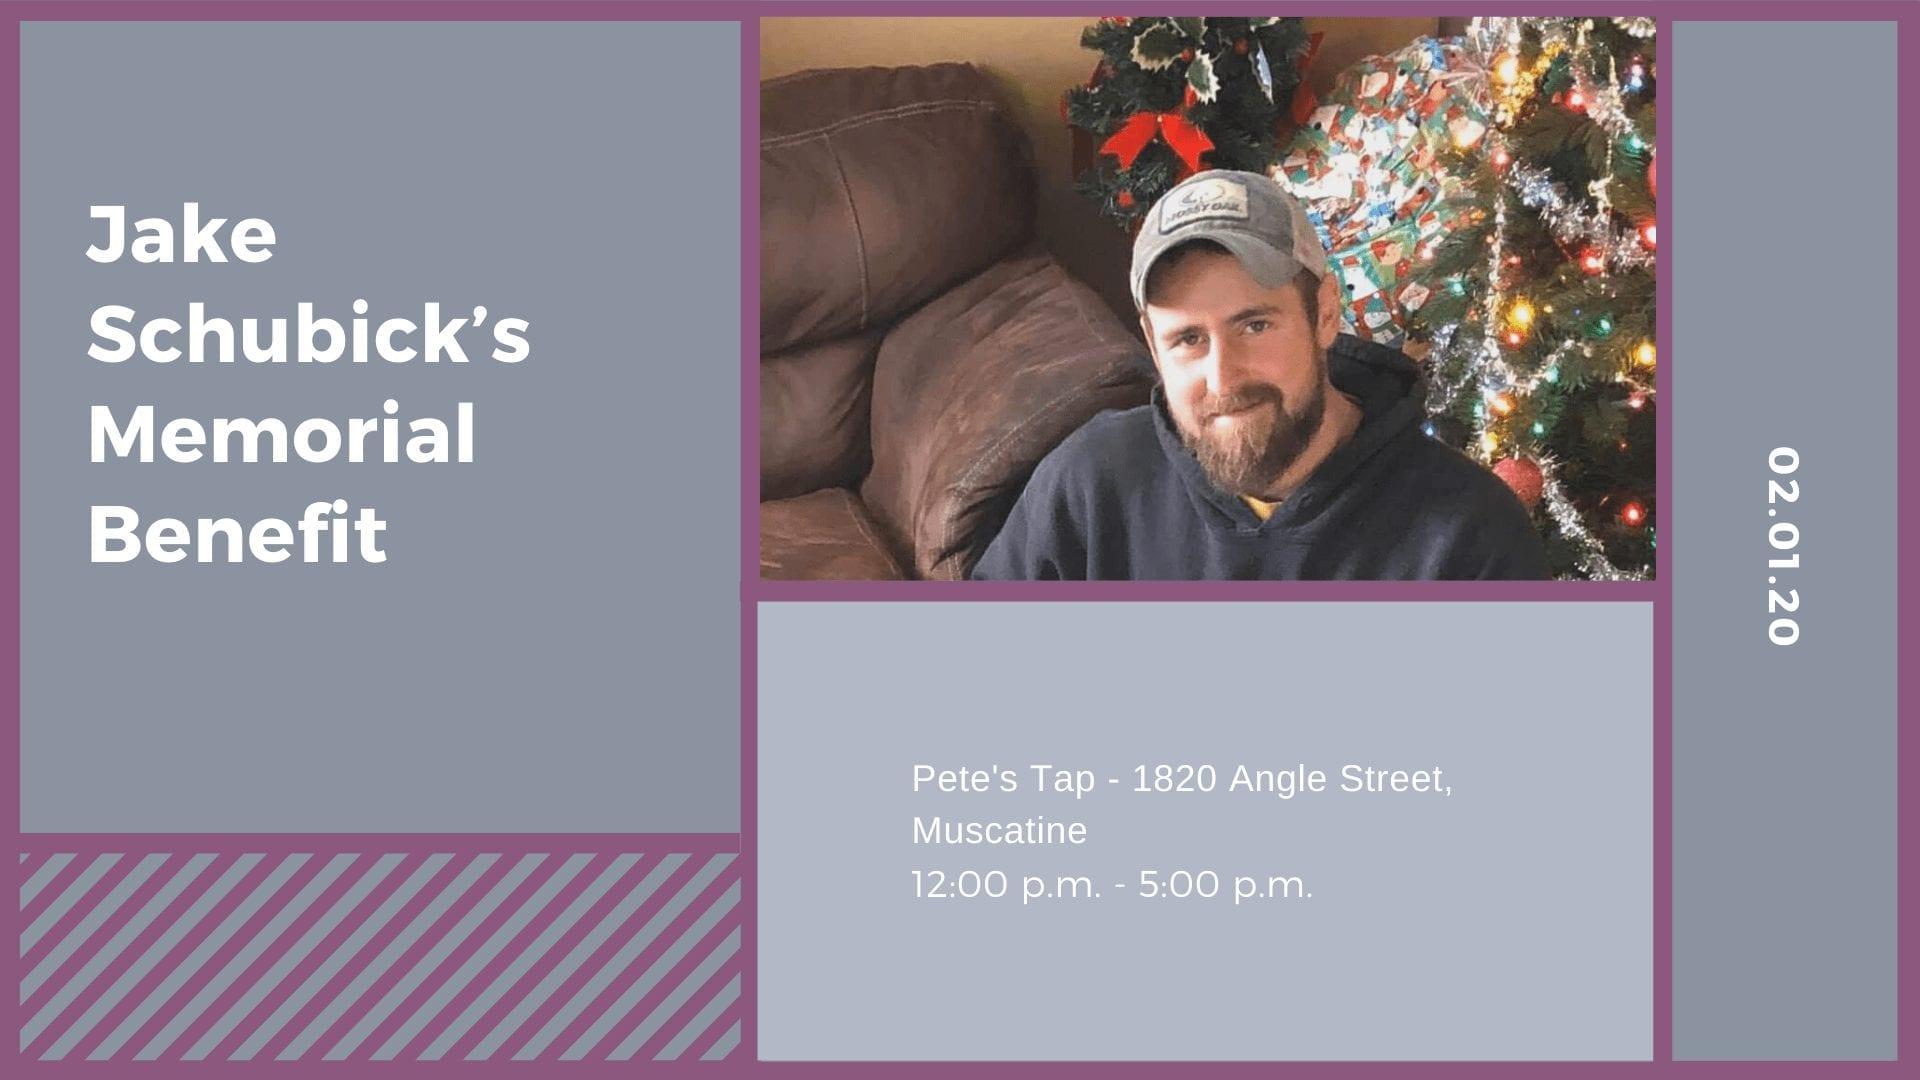 Jake Schubick's Memorial Benefit